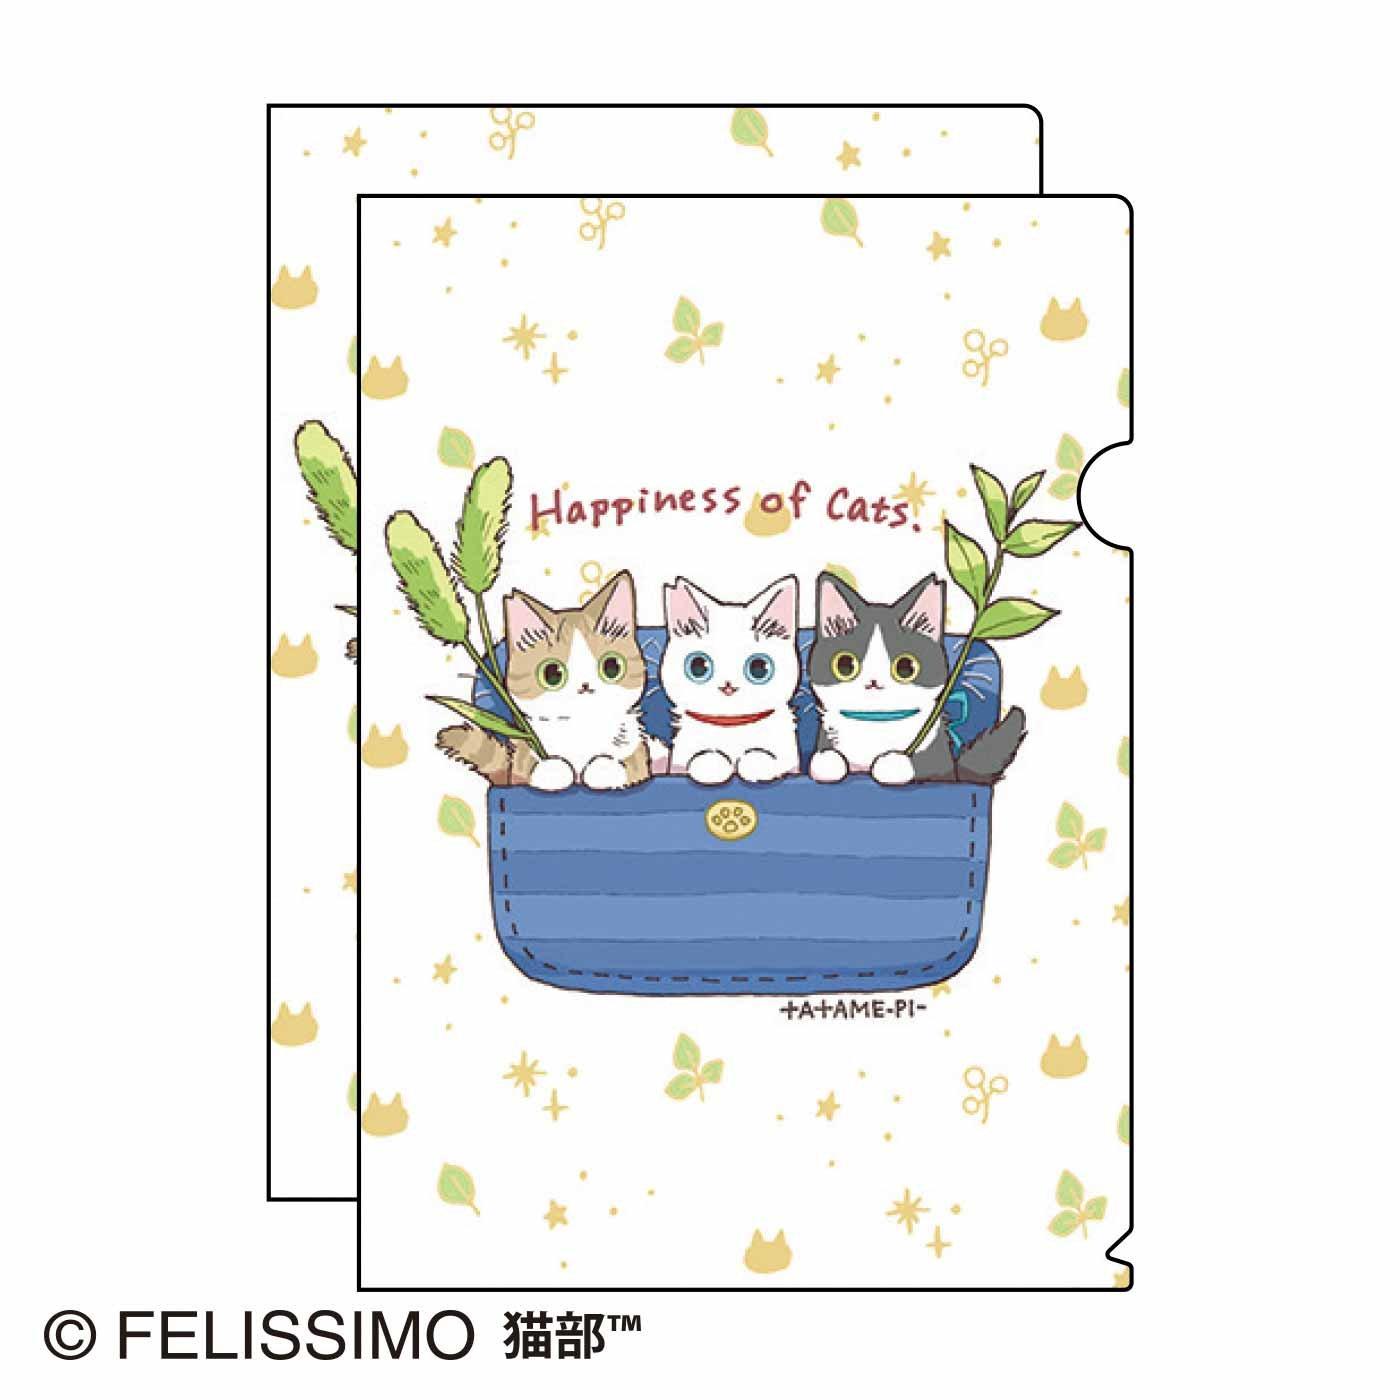 たたメーピー×猫部 地域猫チャリティークリアファイル2021